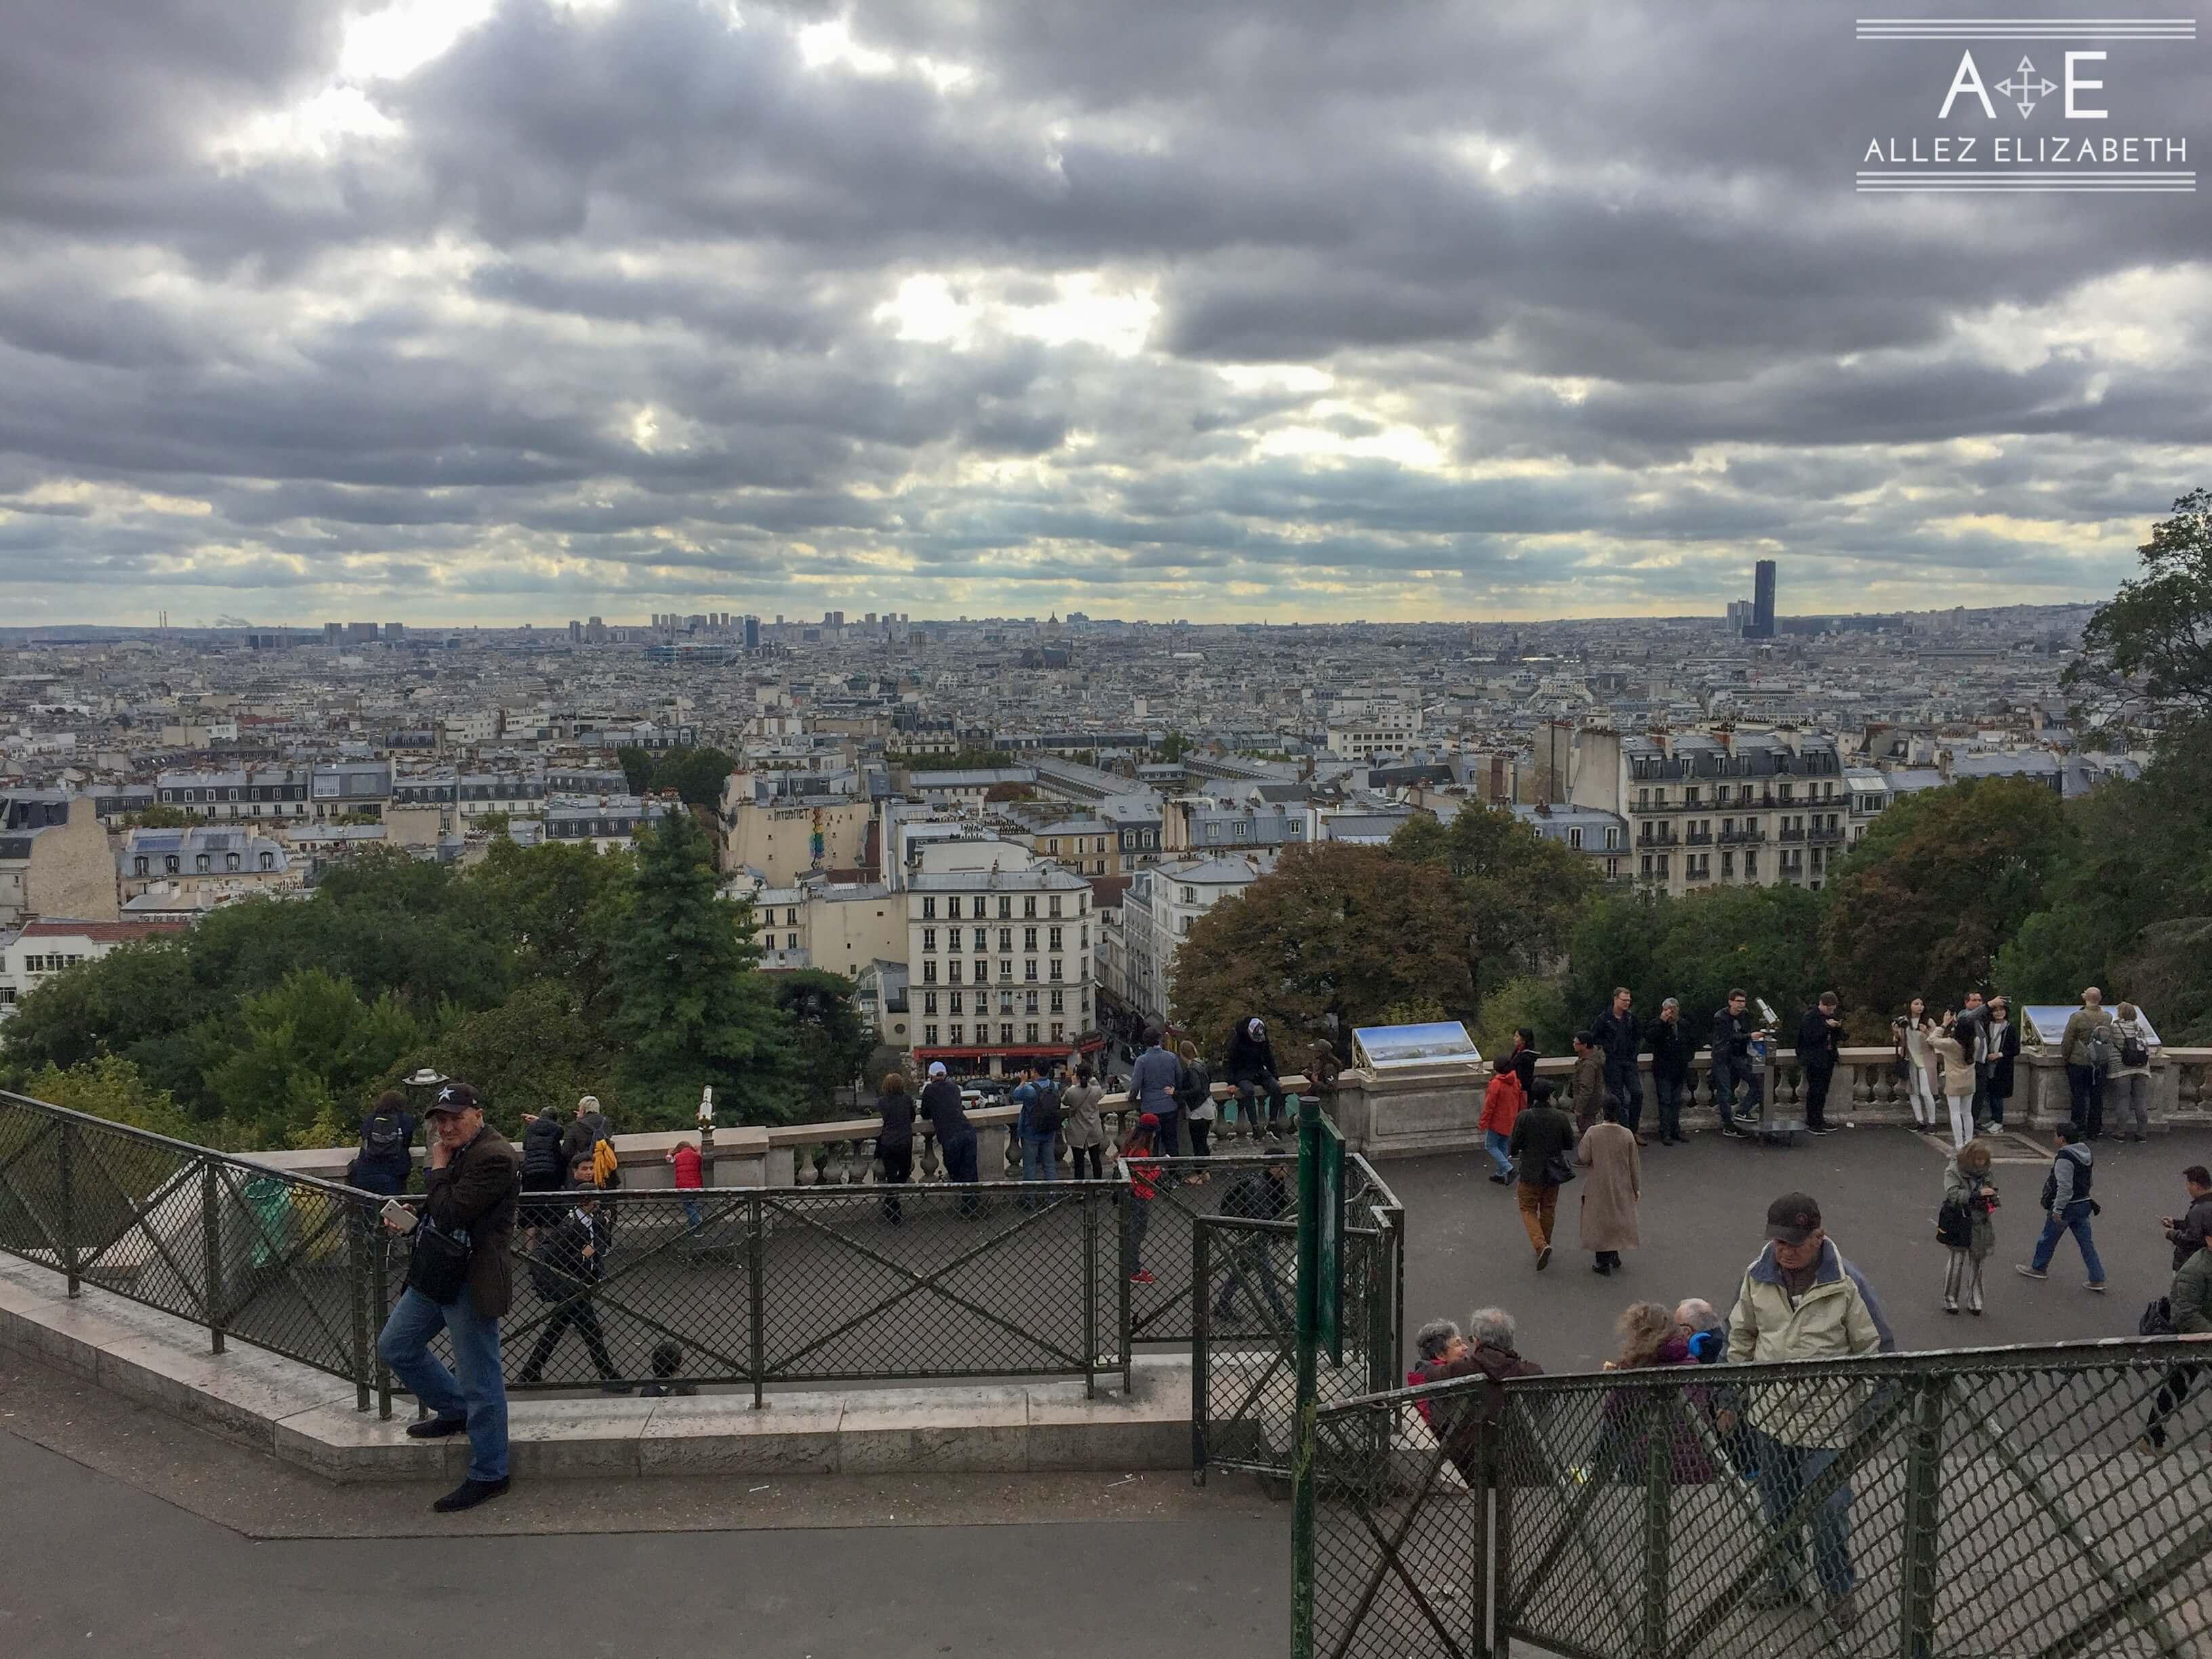 OVERLOOKING THE CITY FROM SACRÉ-CŒUR PARIS FRANCE ALLEZ ELIZABETH